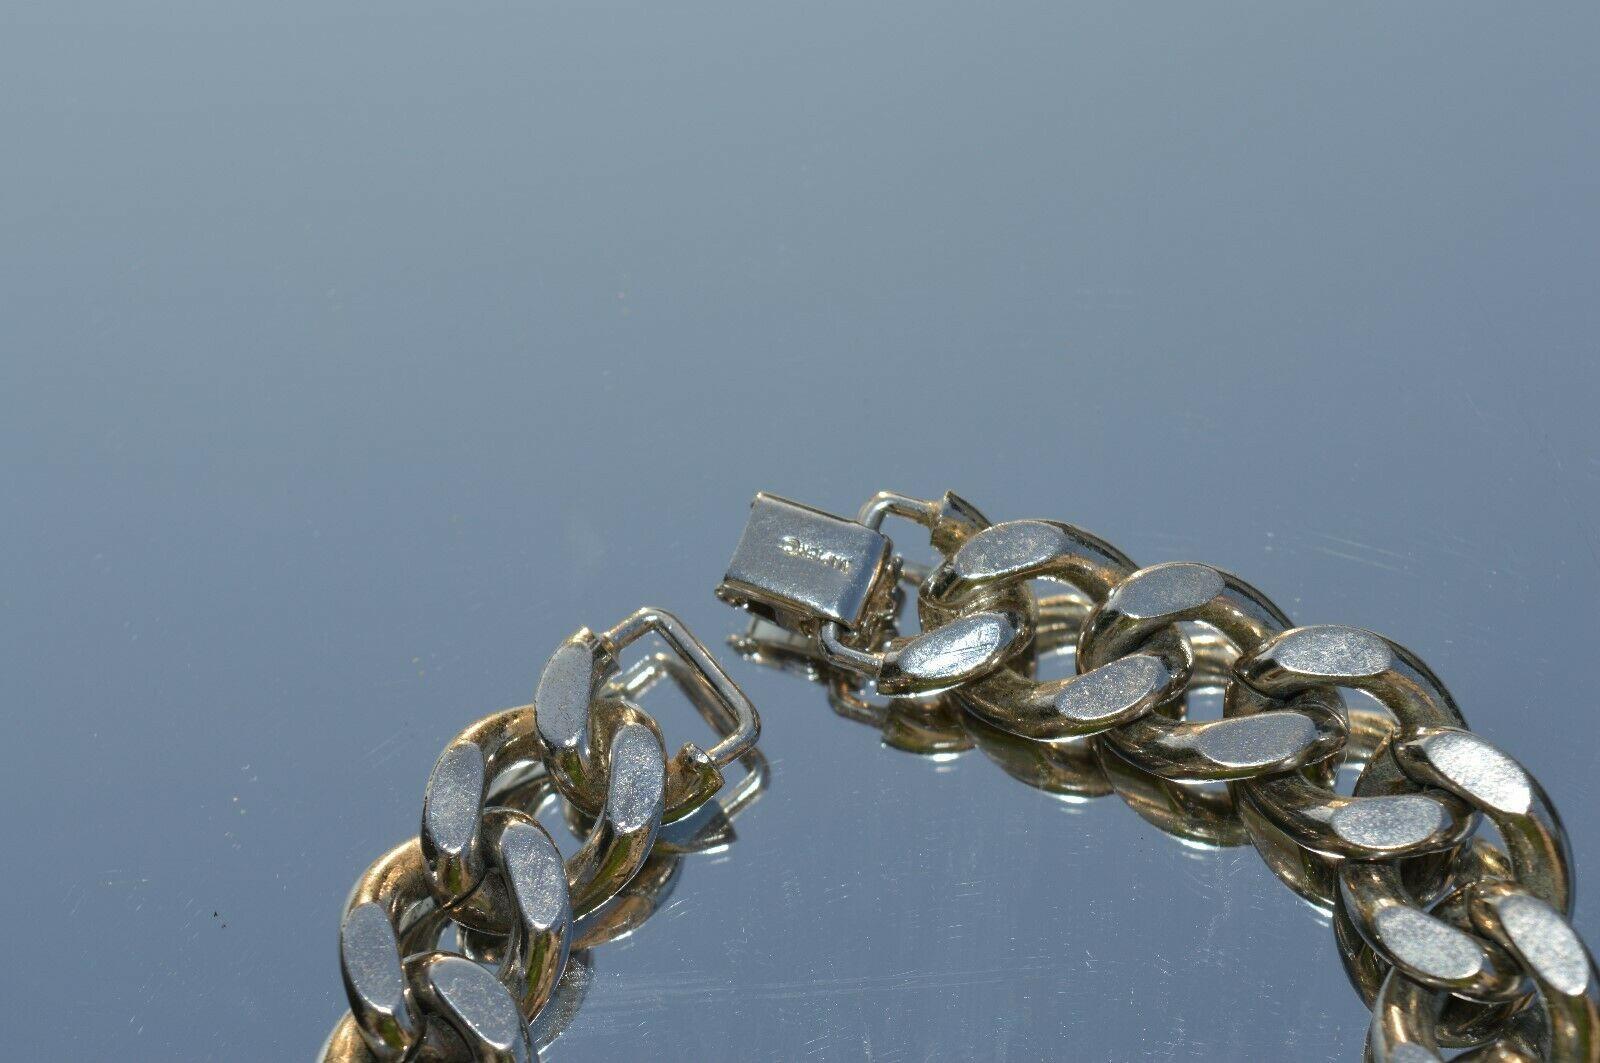 True Vtg NAPIER Heavy Link stainless steel Bracelet ''NICE'' image 4